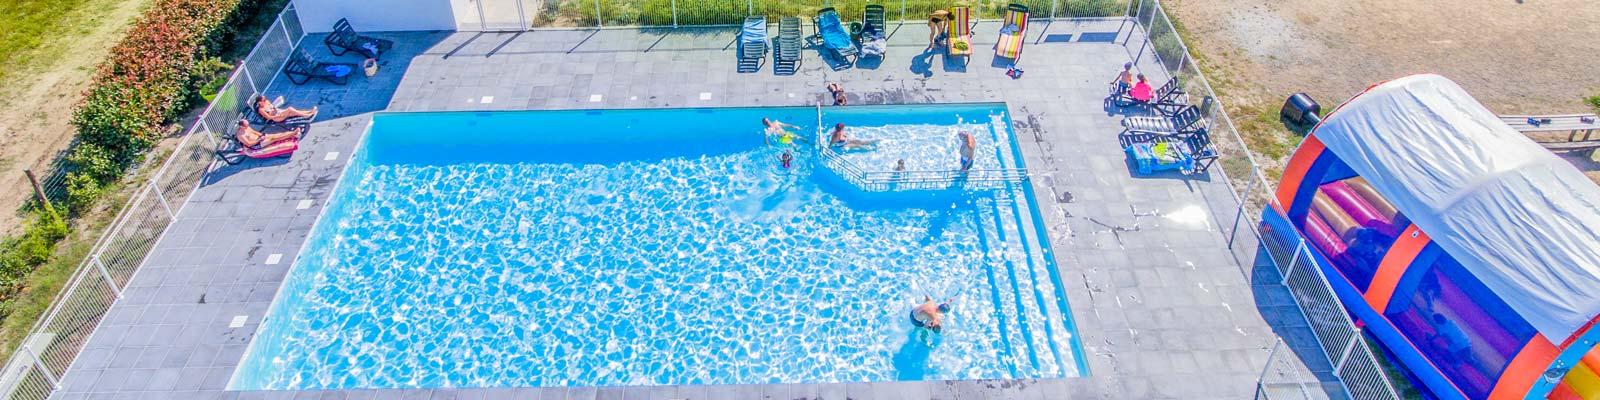 Camping avec piscine landes espace aquatique camping for Location camping avec piscine